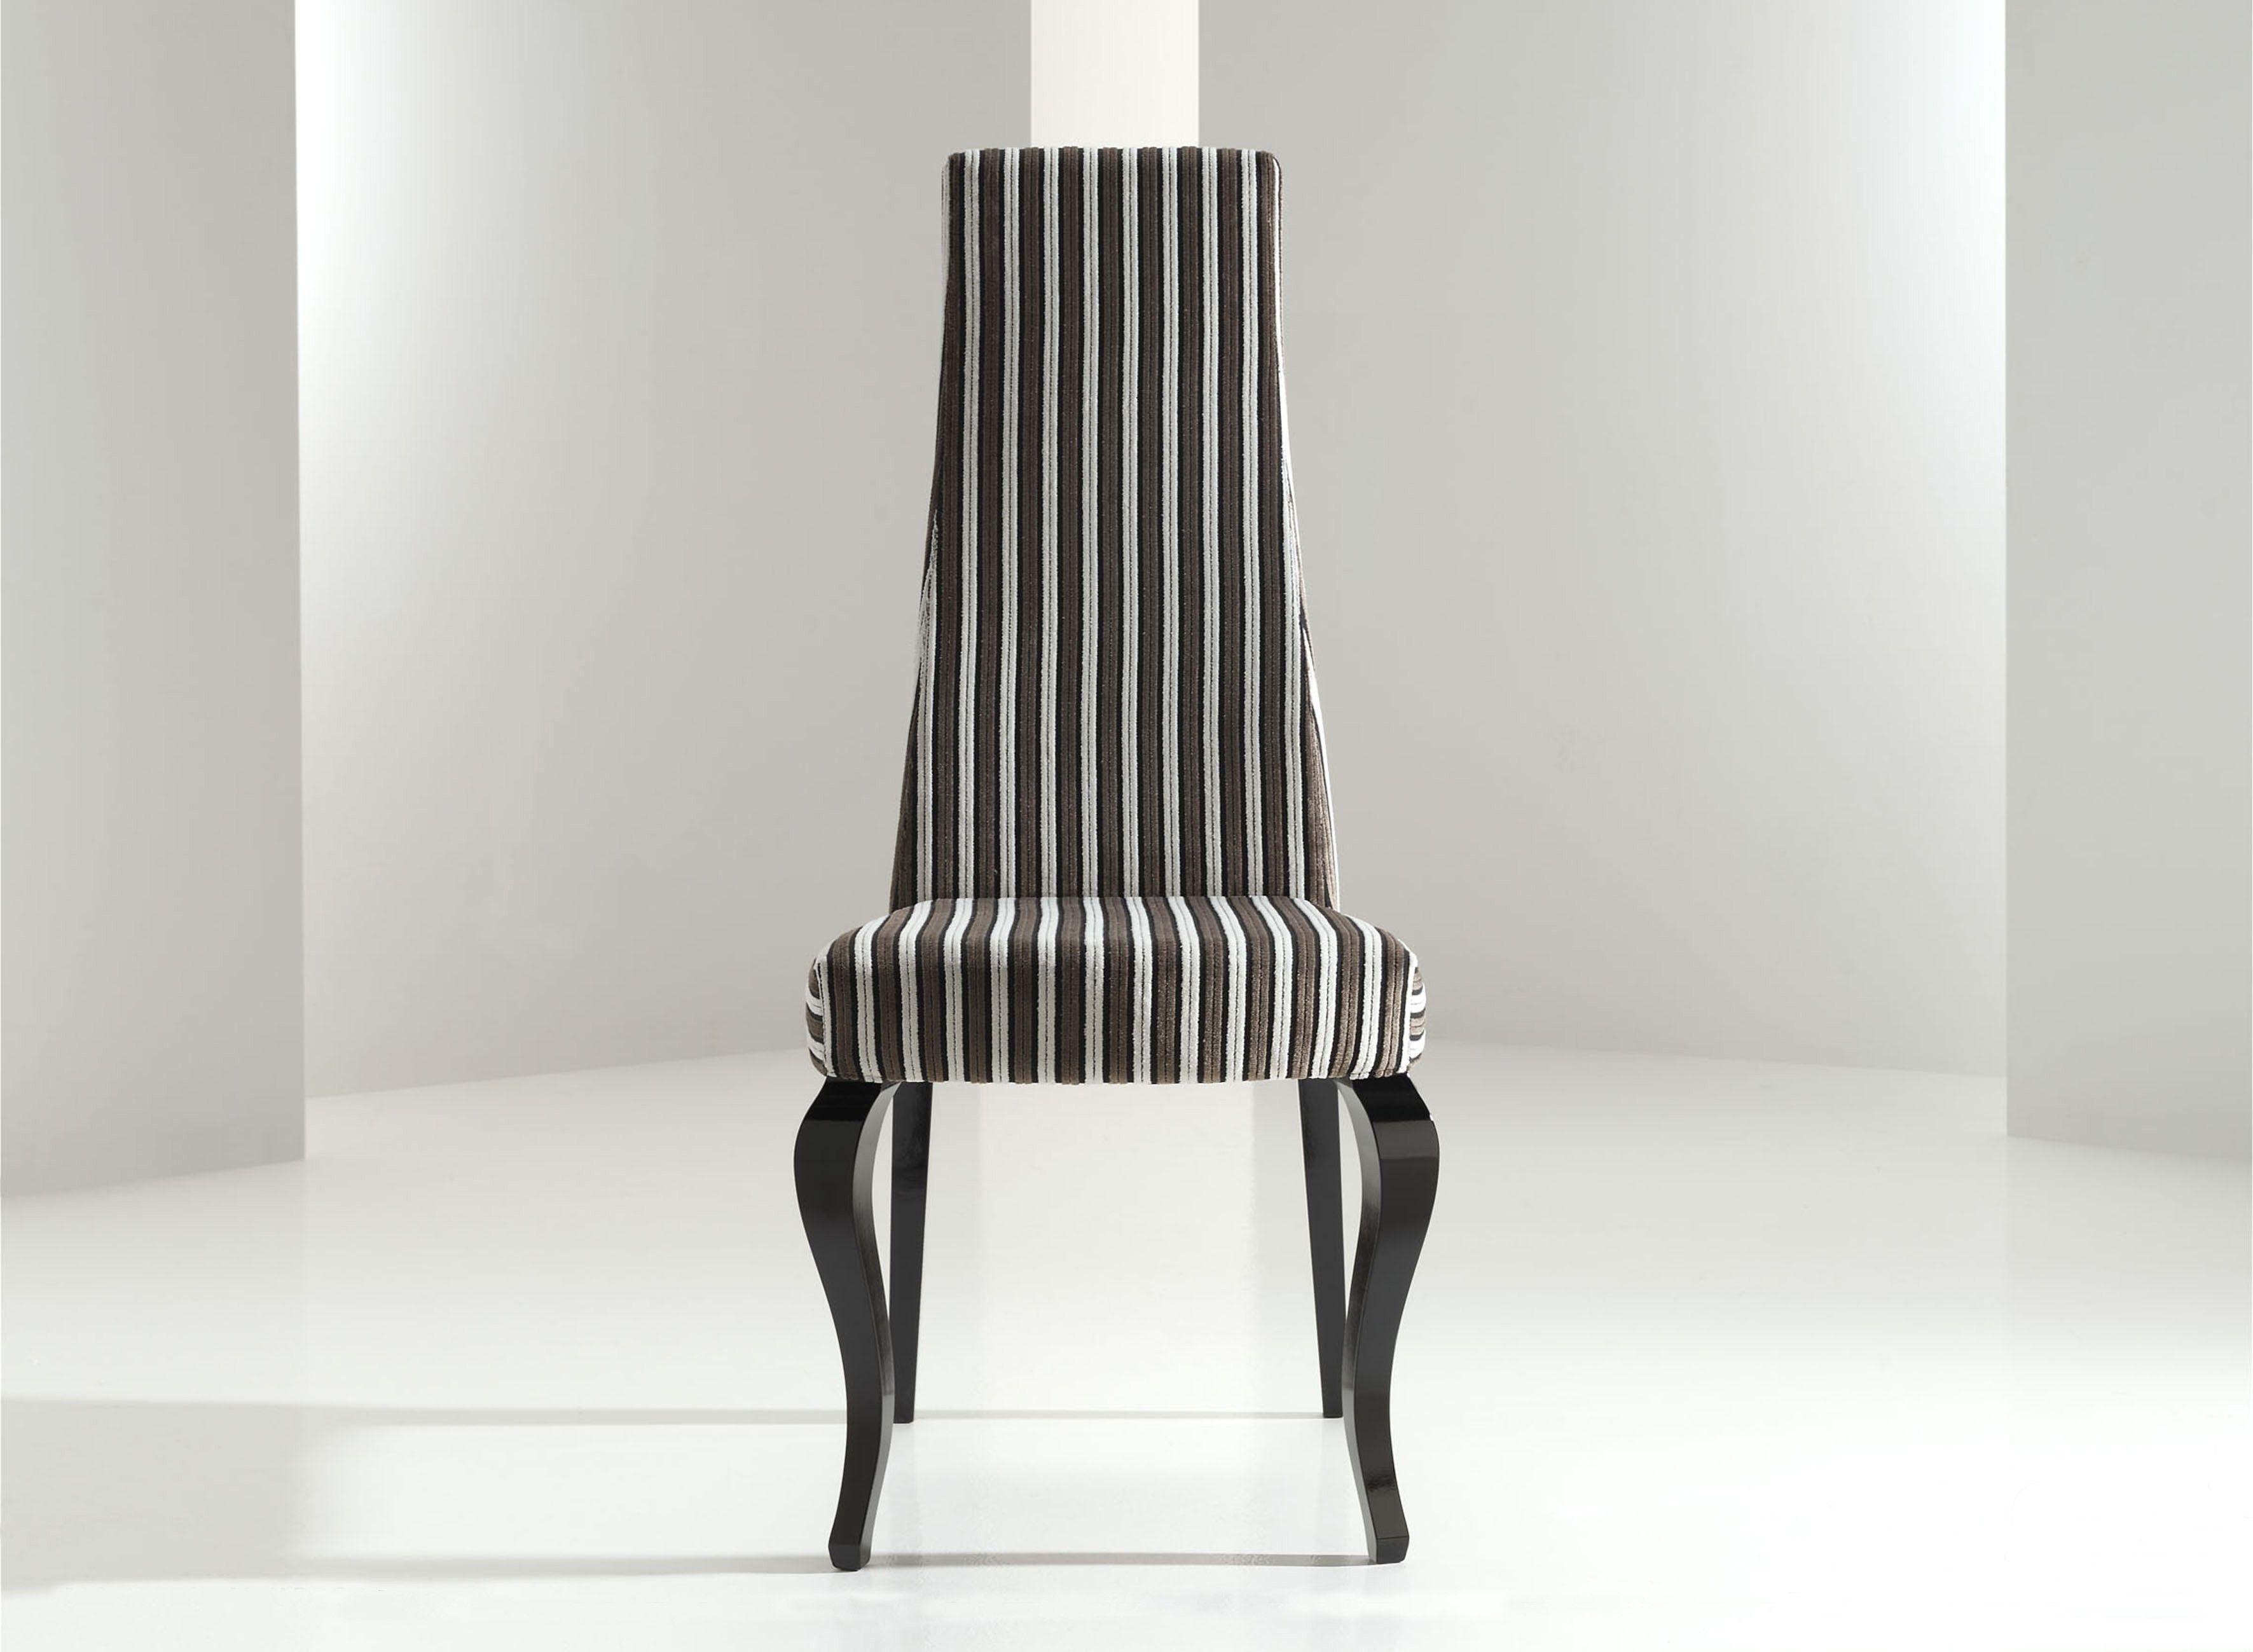 Silla moderna tapizada adelfa sillas de comedor modernas for Sillas isabelinas tapizadas modernas